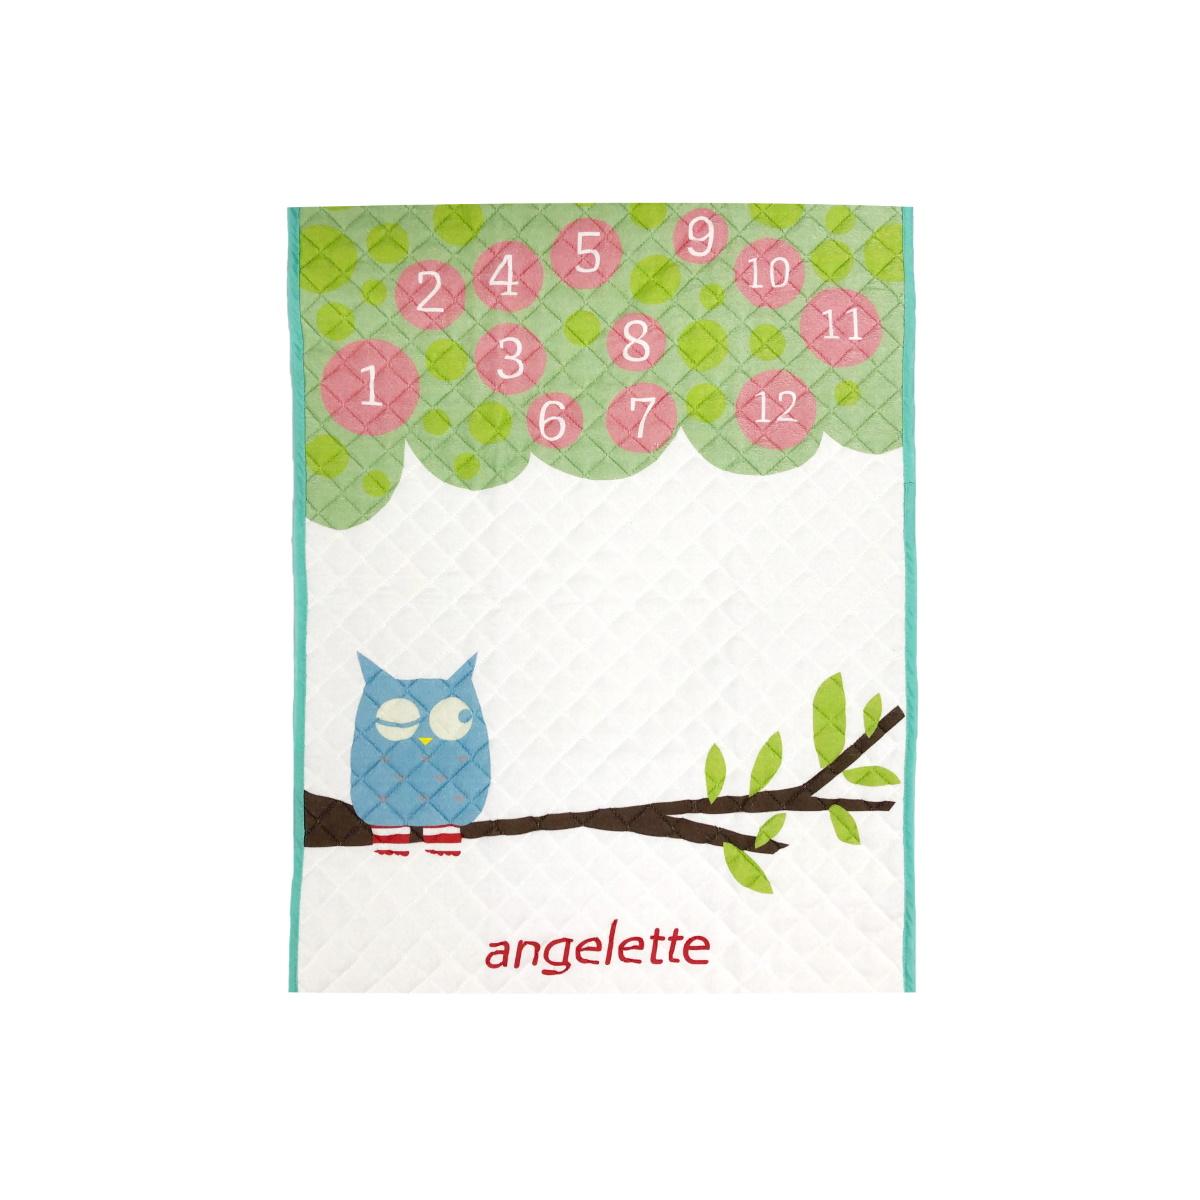 angelette 2-Way パイル敷きパッド 森のフクロウ【ネックピロー付】